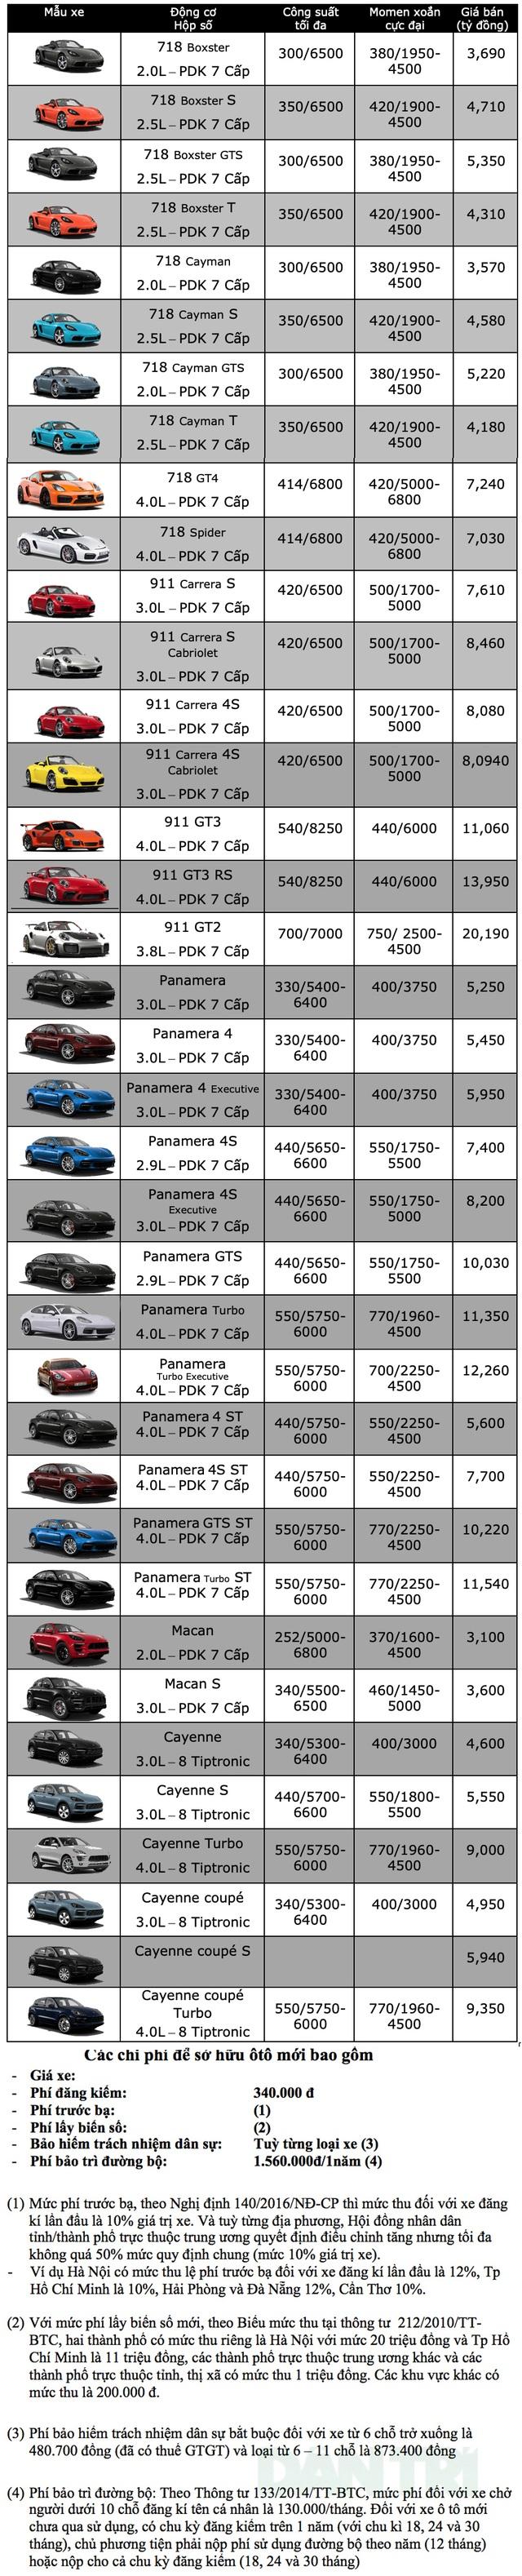 Bảng giá Porsche tháng 11/2019 - 1